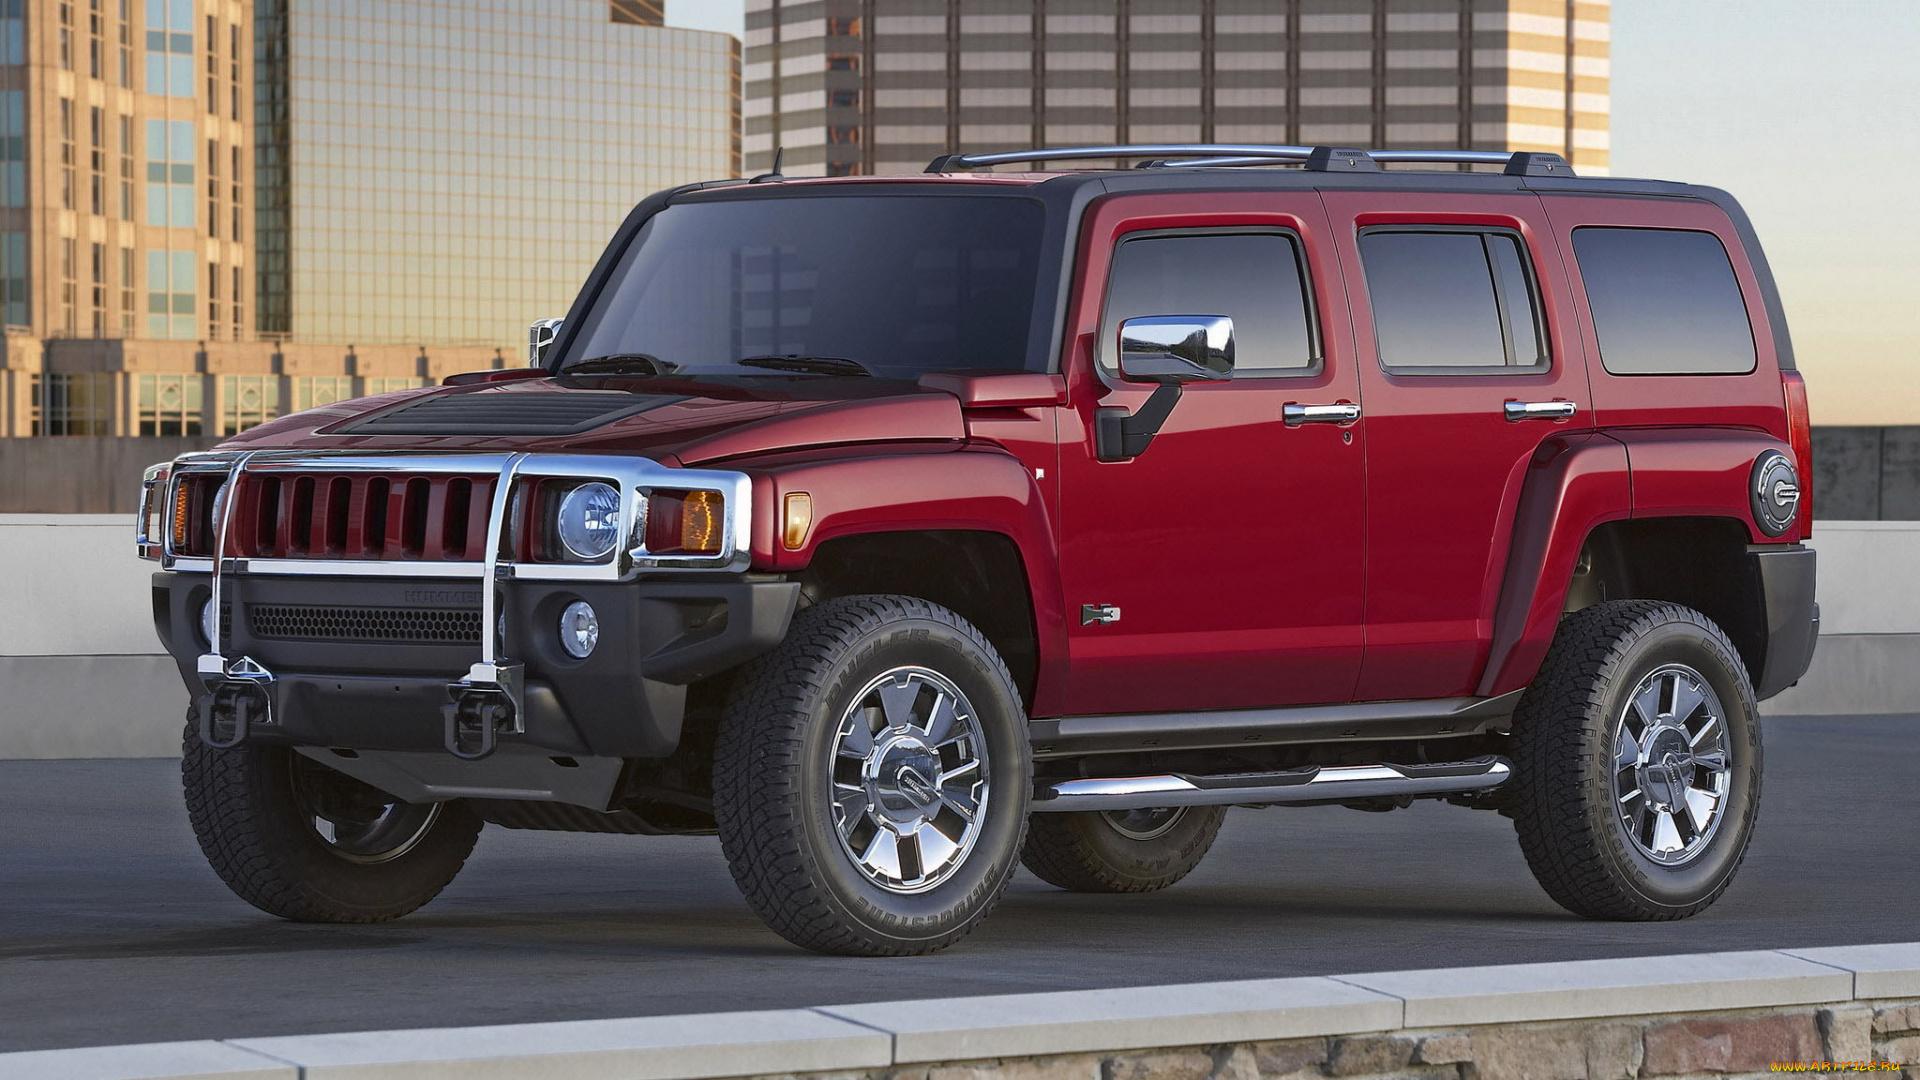 автомобиль джип hummer h2 car jeep без смс